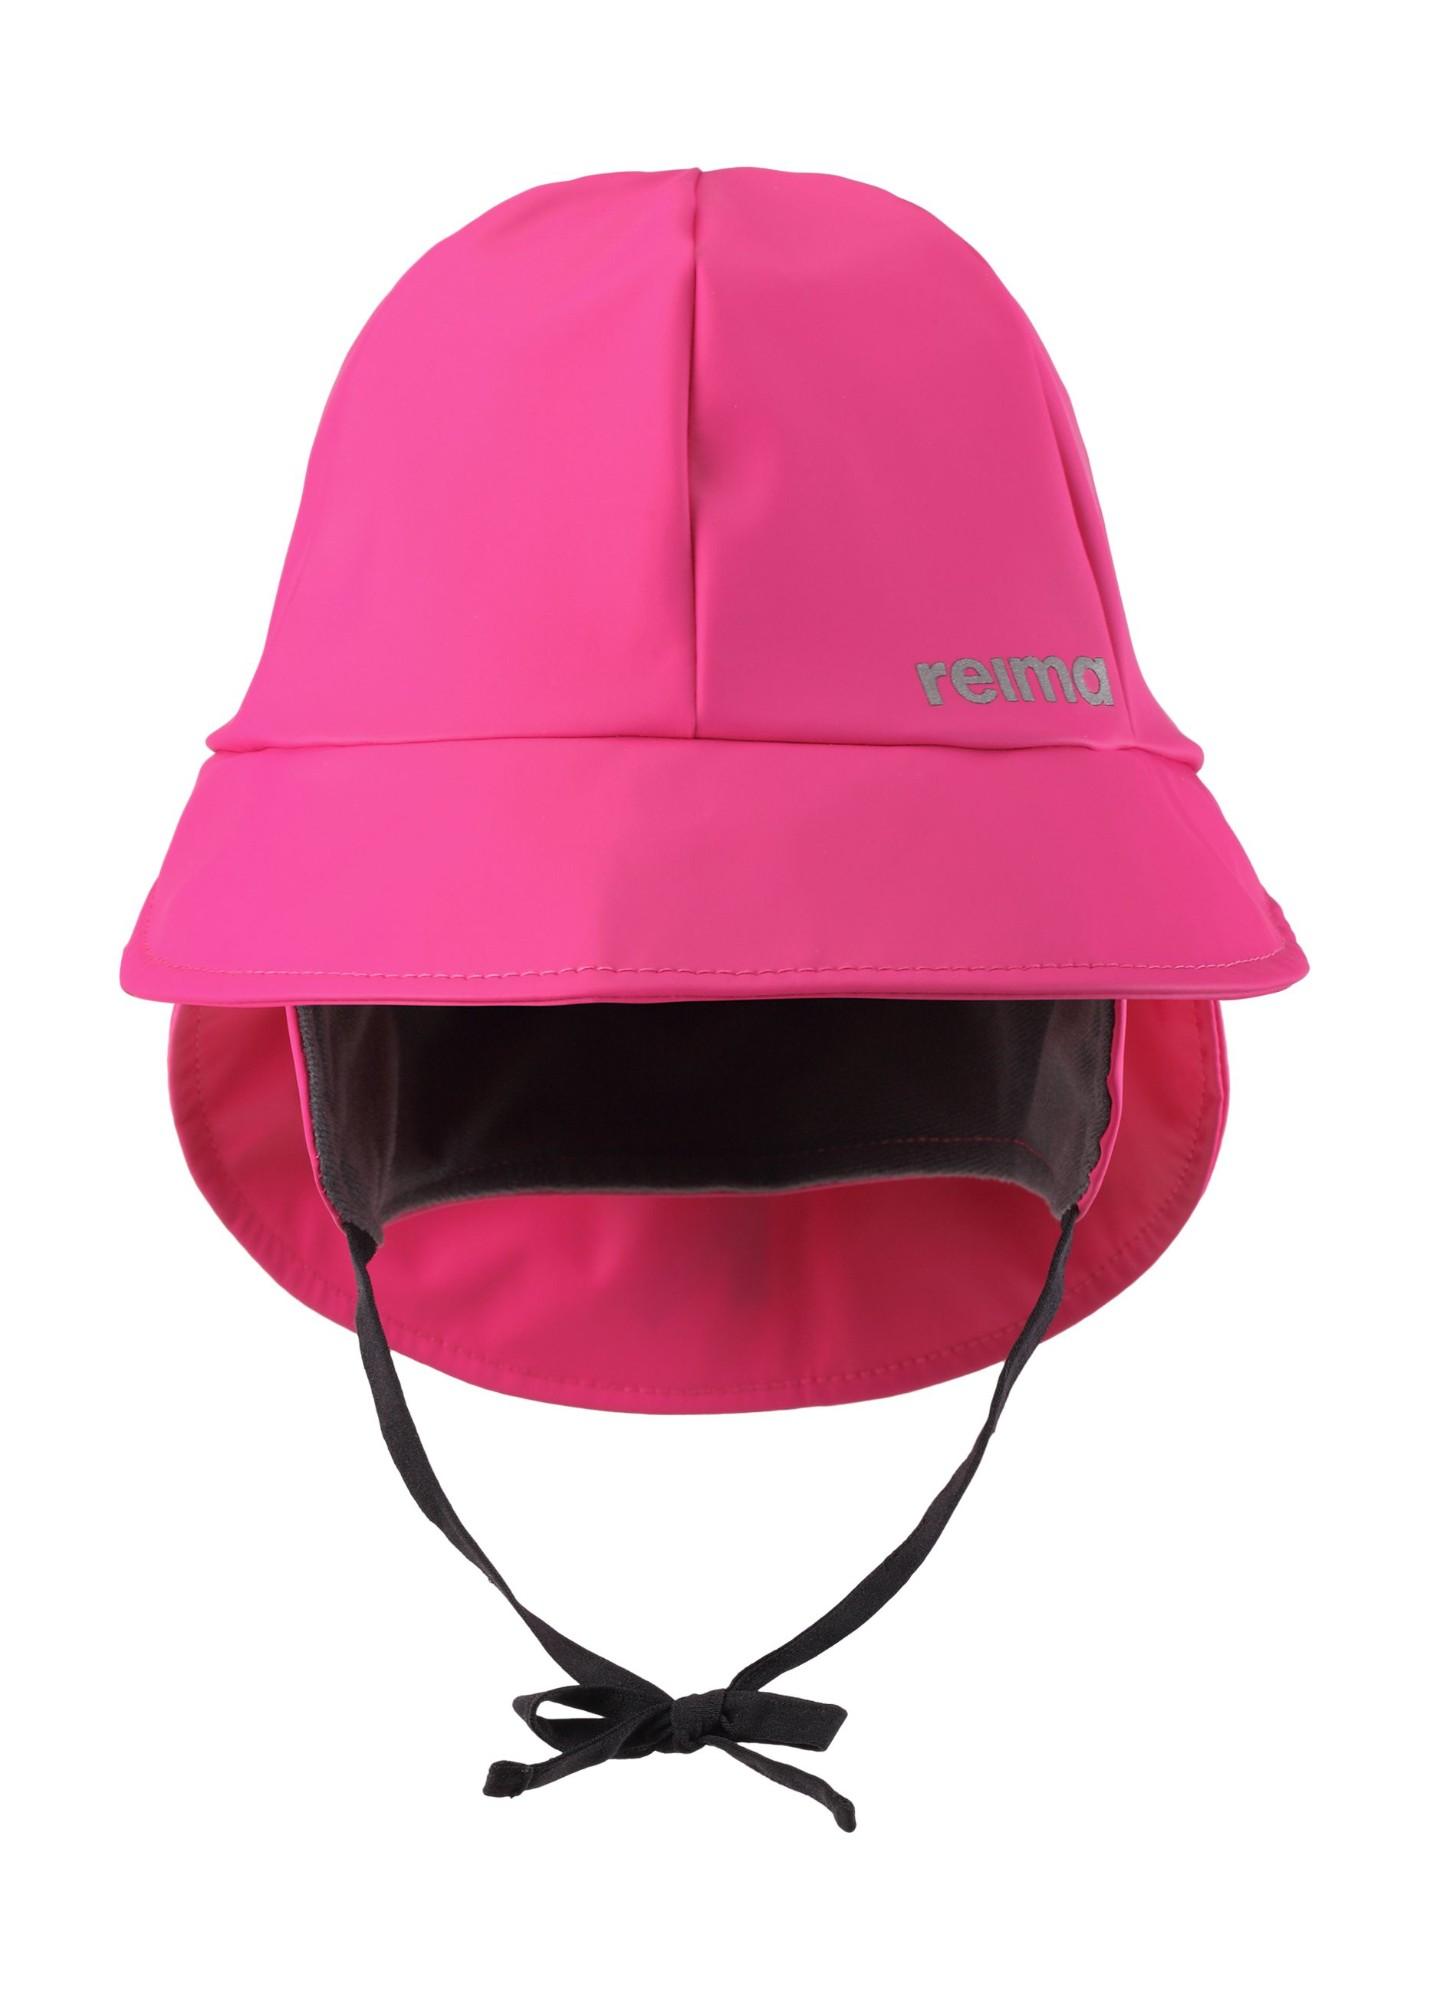 REIMA Rainy Pink 54